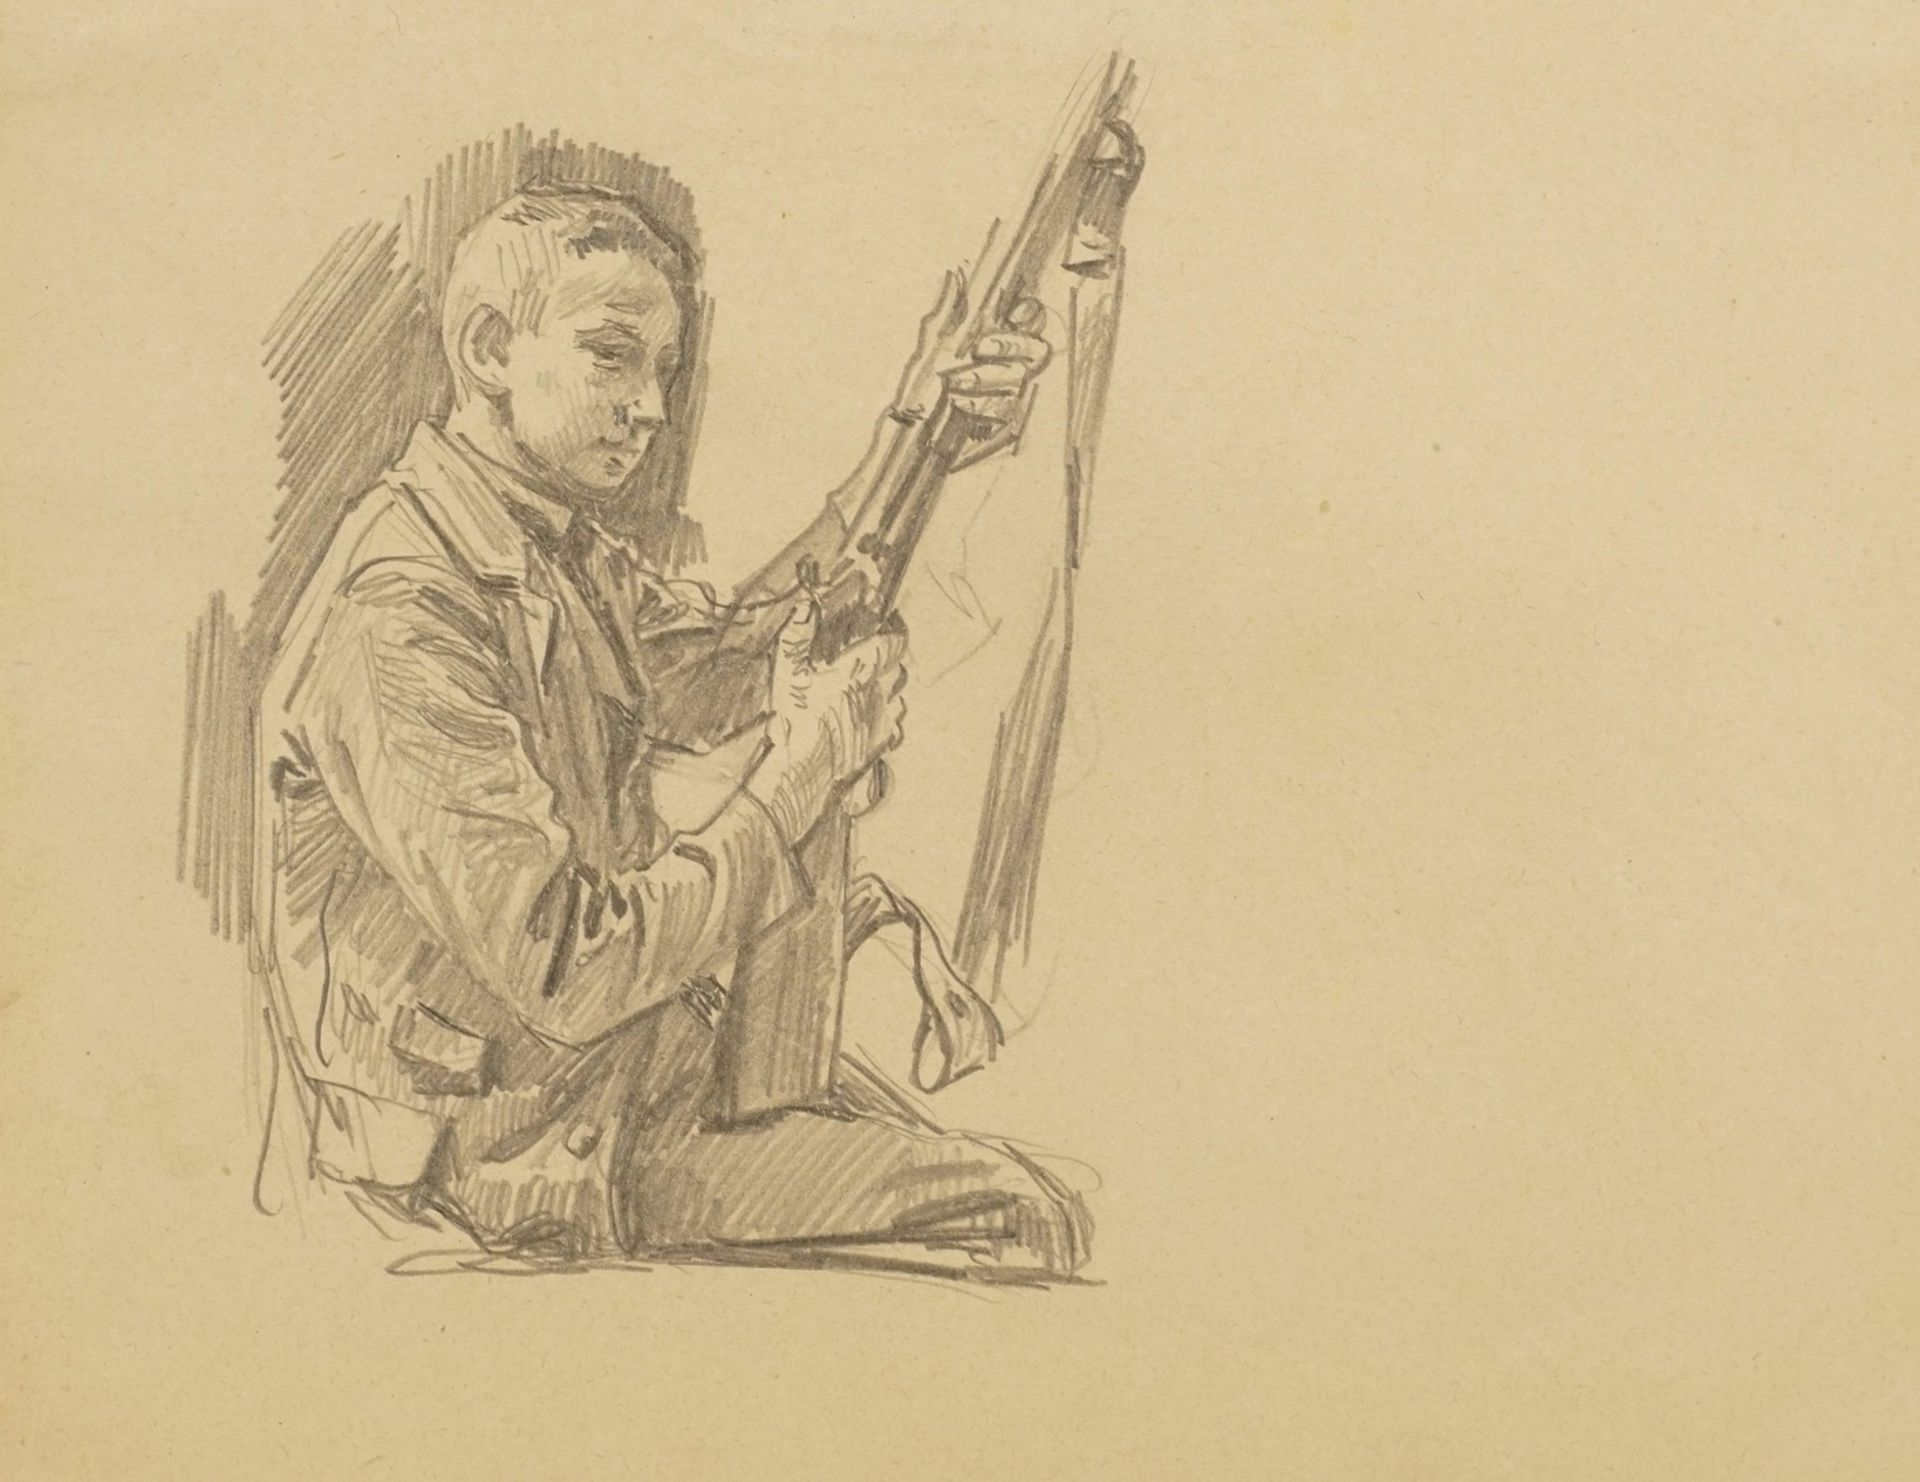 Unbekannter Zeichner, Sitzender Junge mit Gewehr